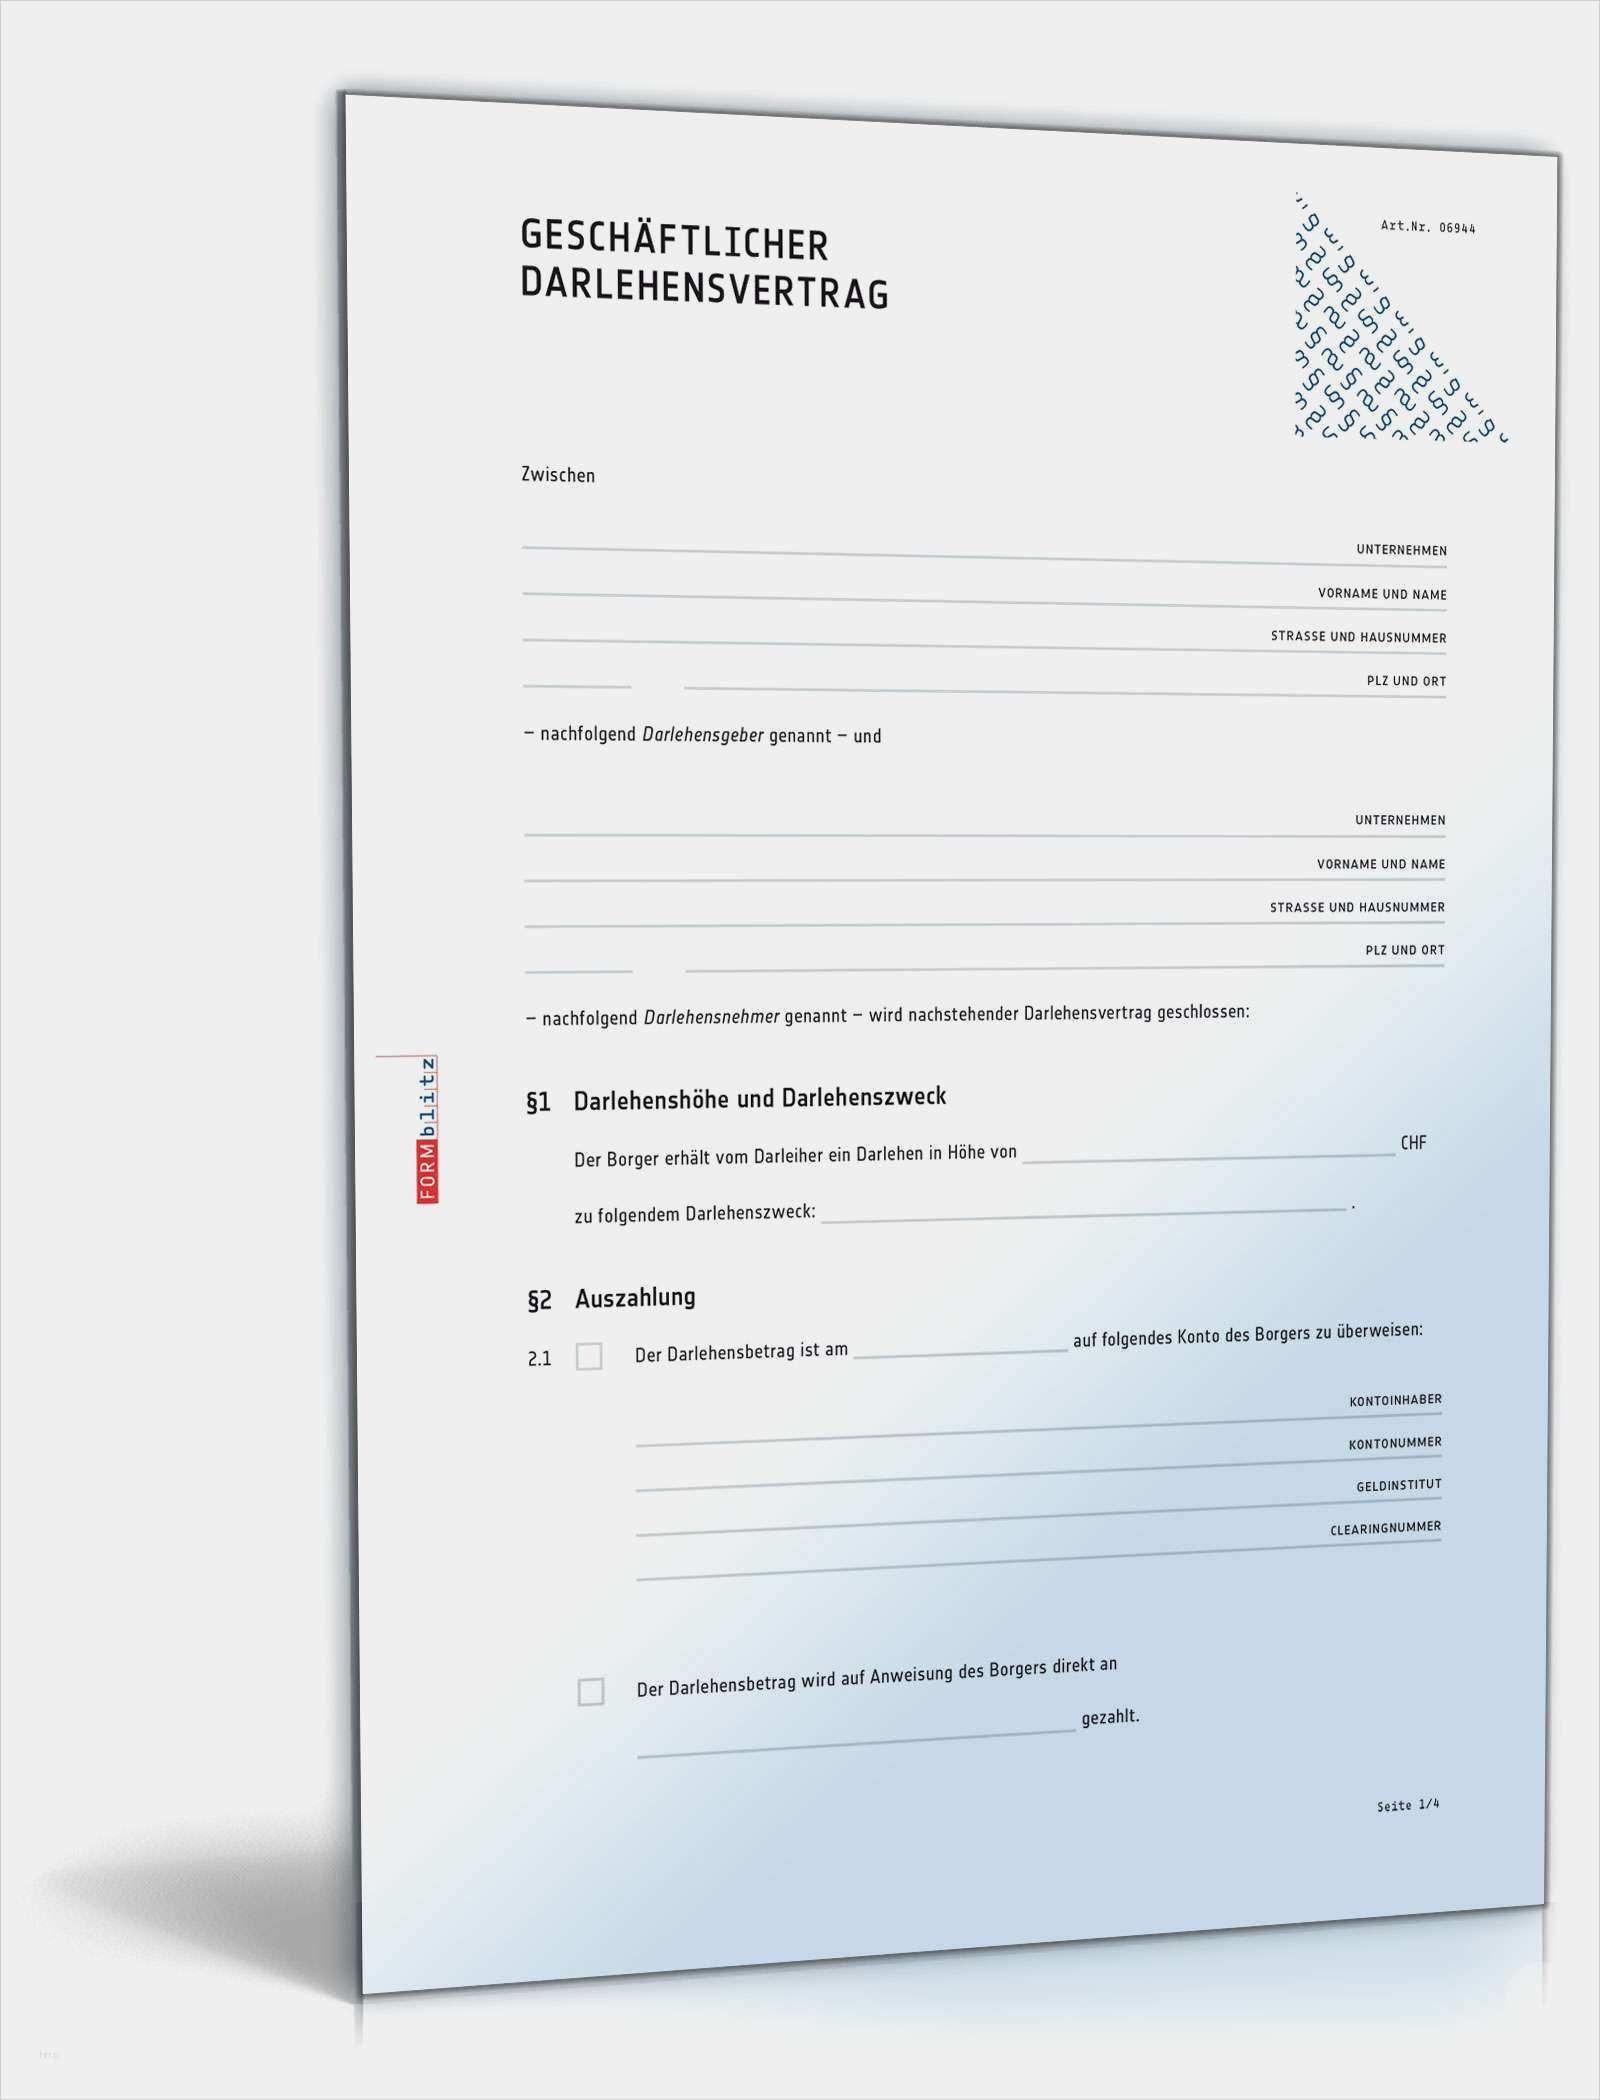 31 Angenehm Aufnahme In Mietvertrag Vorlage Abbildung In 2020 Lebenslauf Vorlagen Lebenslauf Briefkopf Vorlage